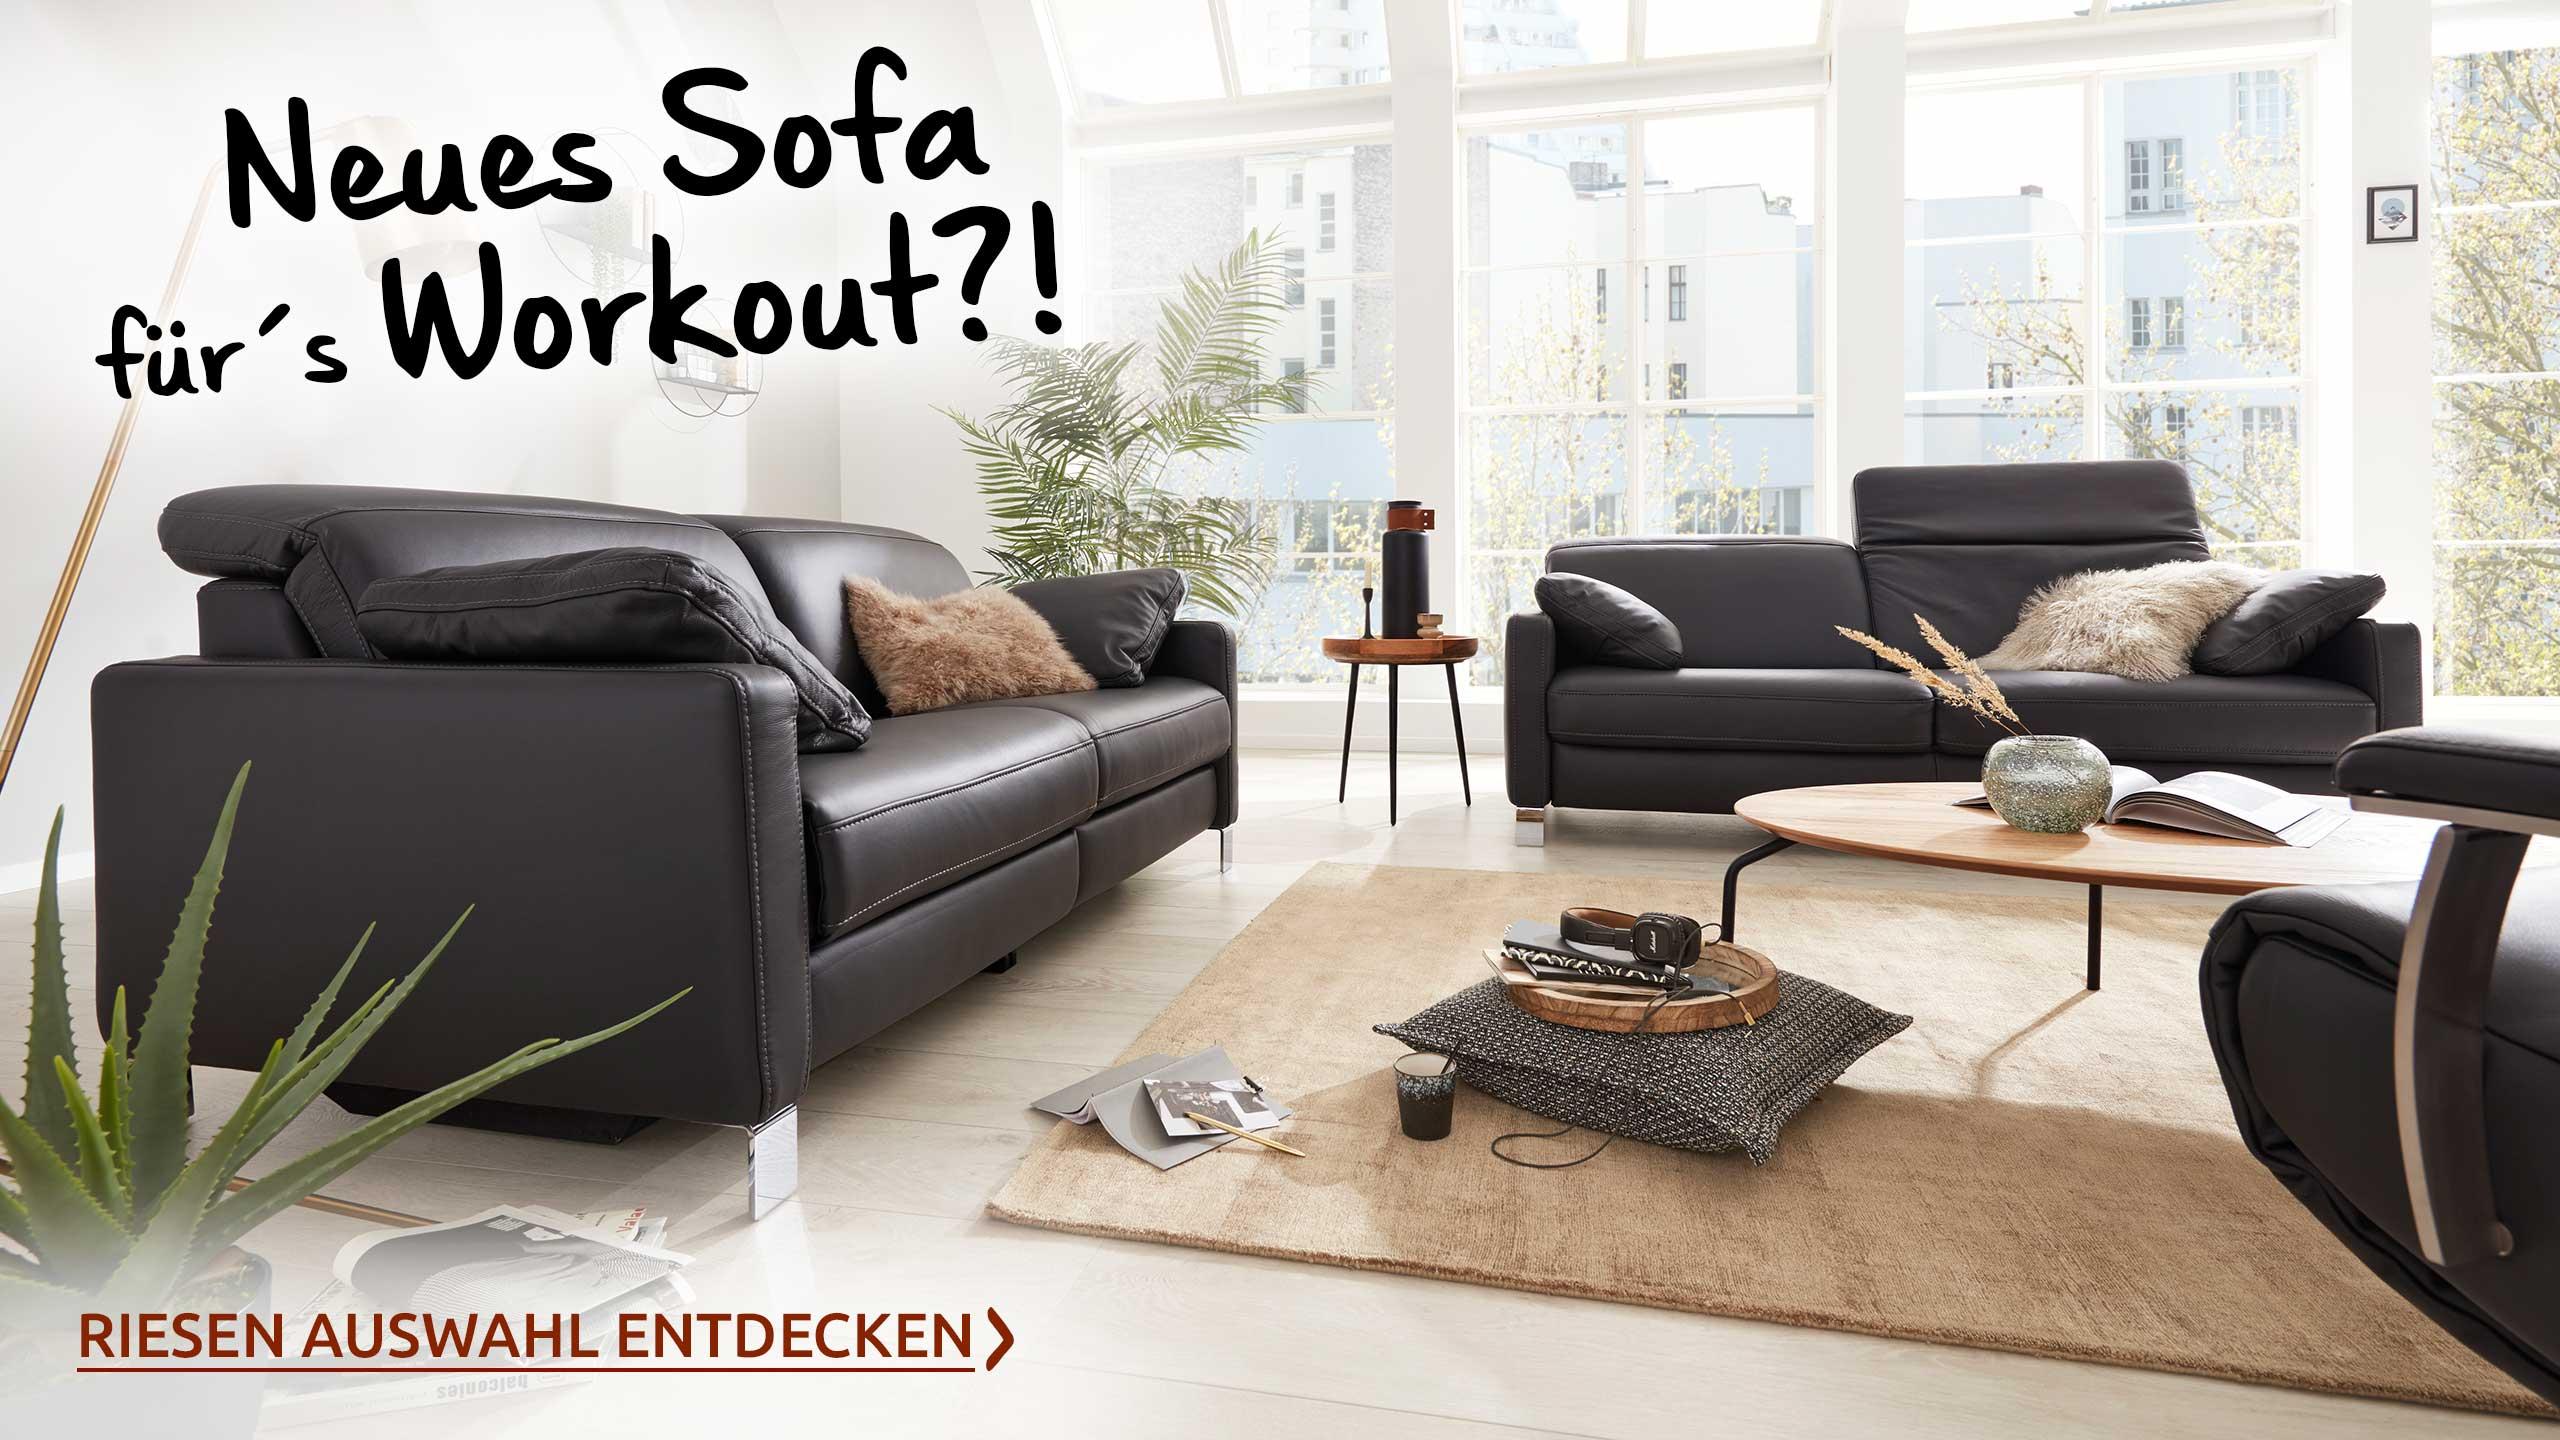 Workout mit Möbeln Sofa